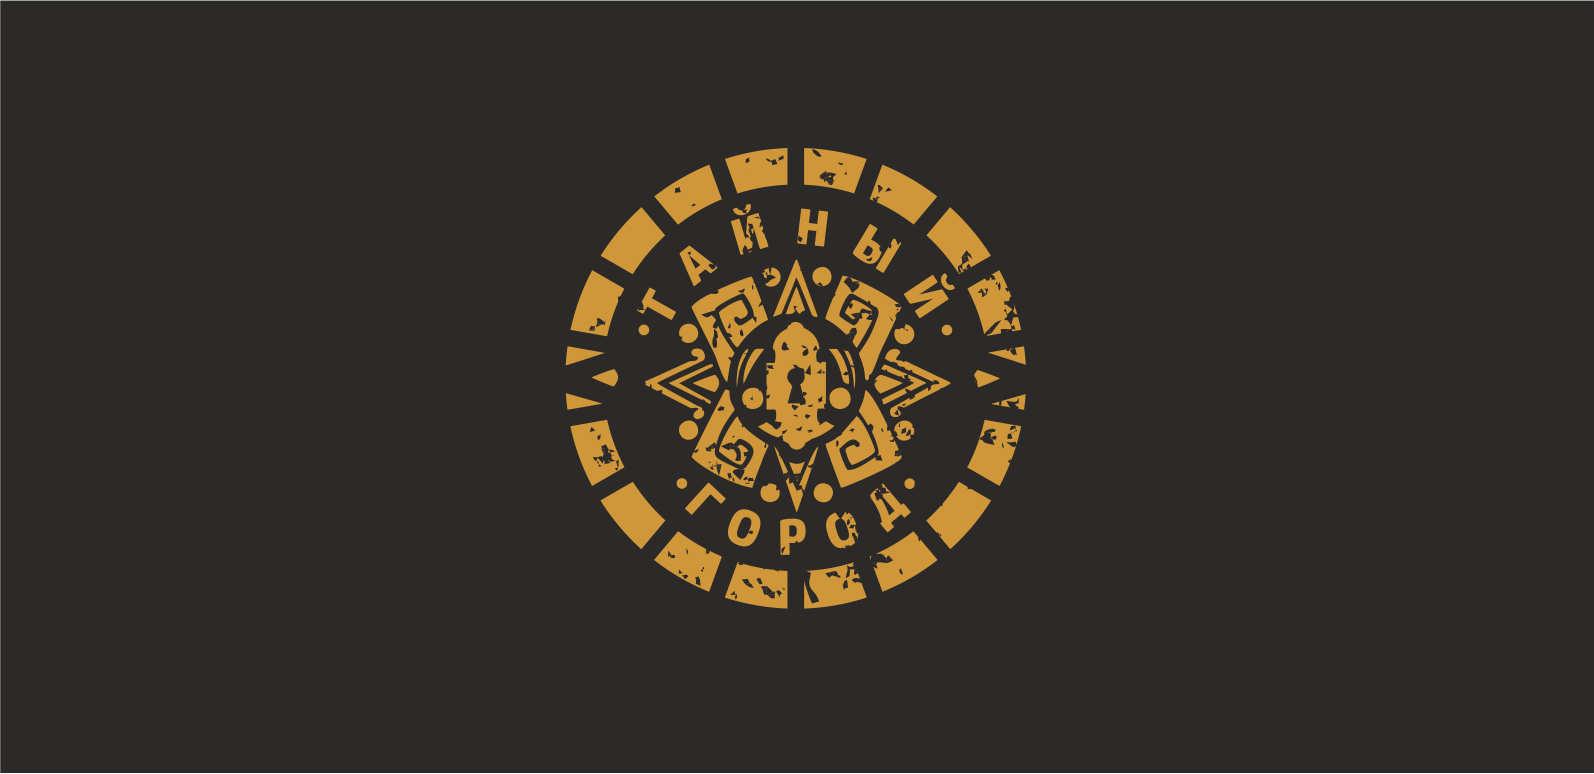 Разработка логотипа и шрифтов для Квеста  фото f_5855b4a004b89cdf.jpg